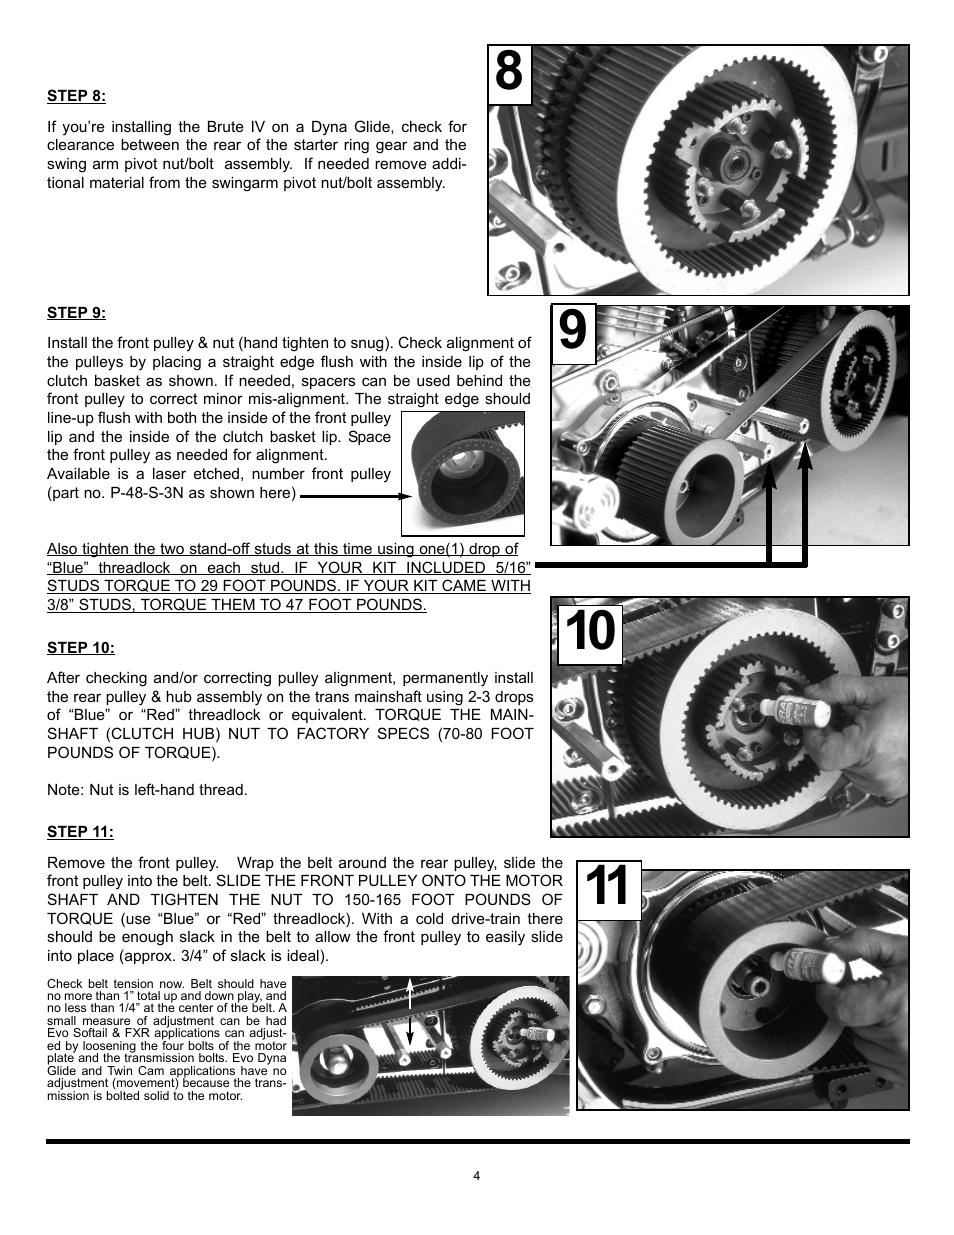 Rivera Primo Brute Iv User Manual Page 4 8